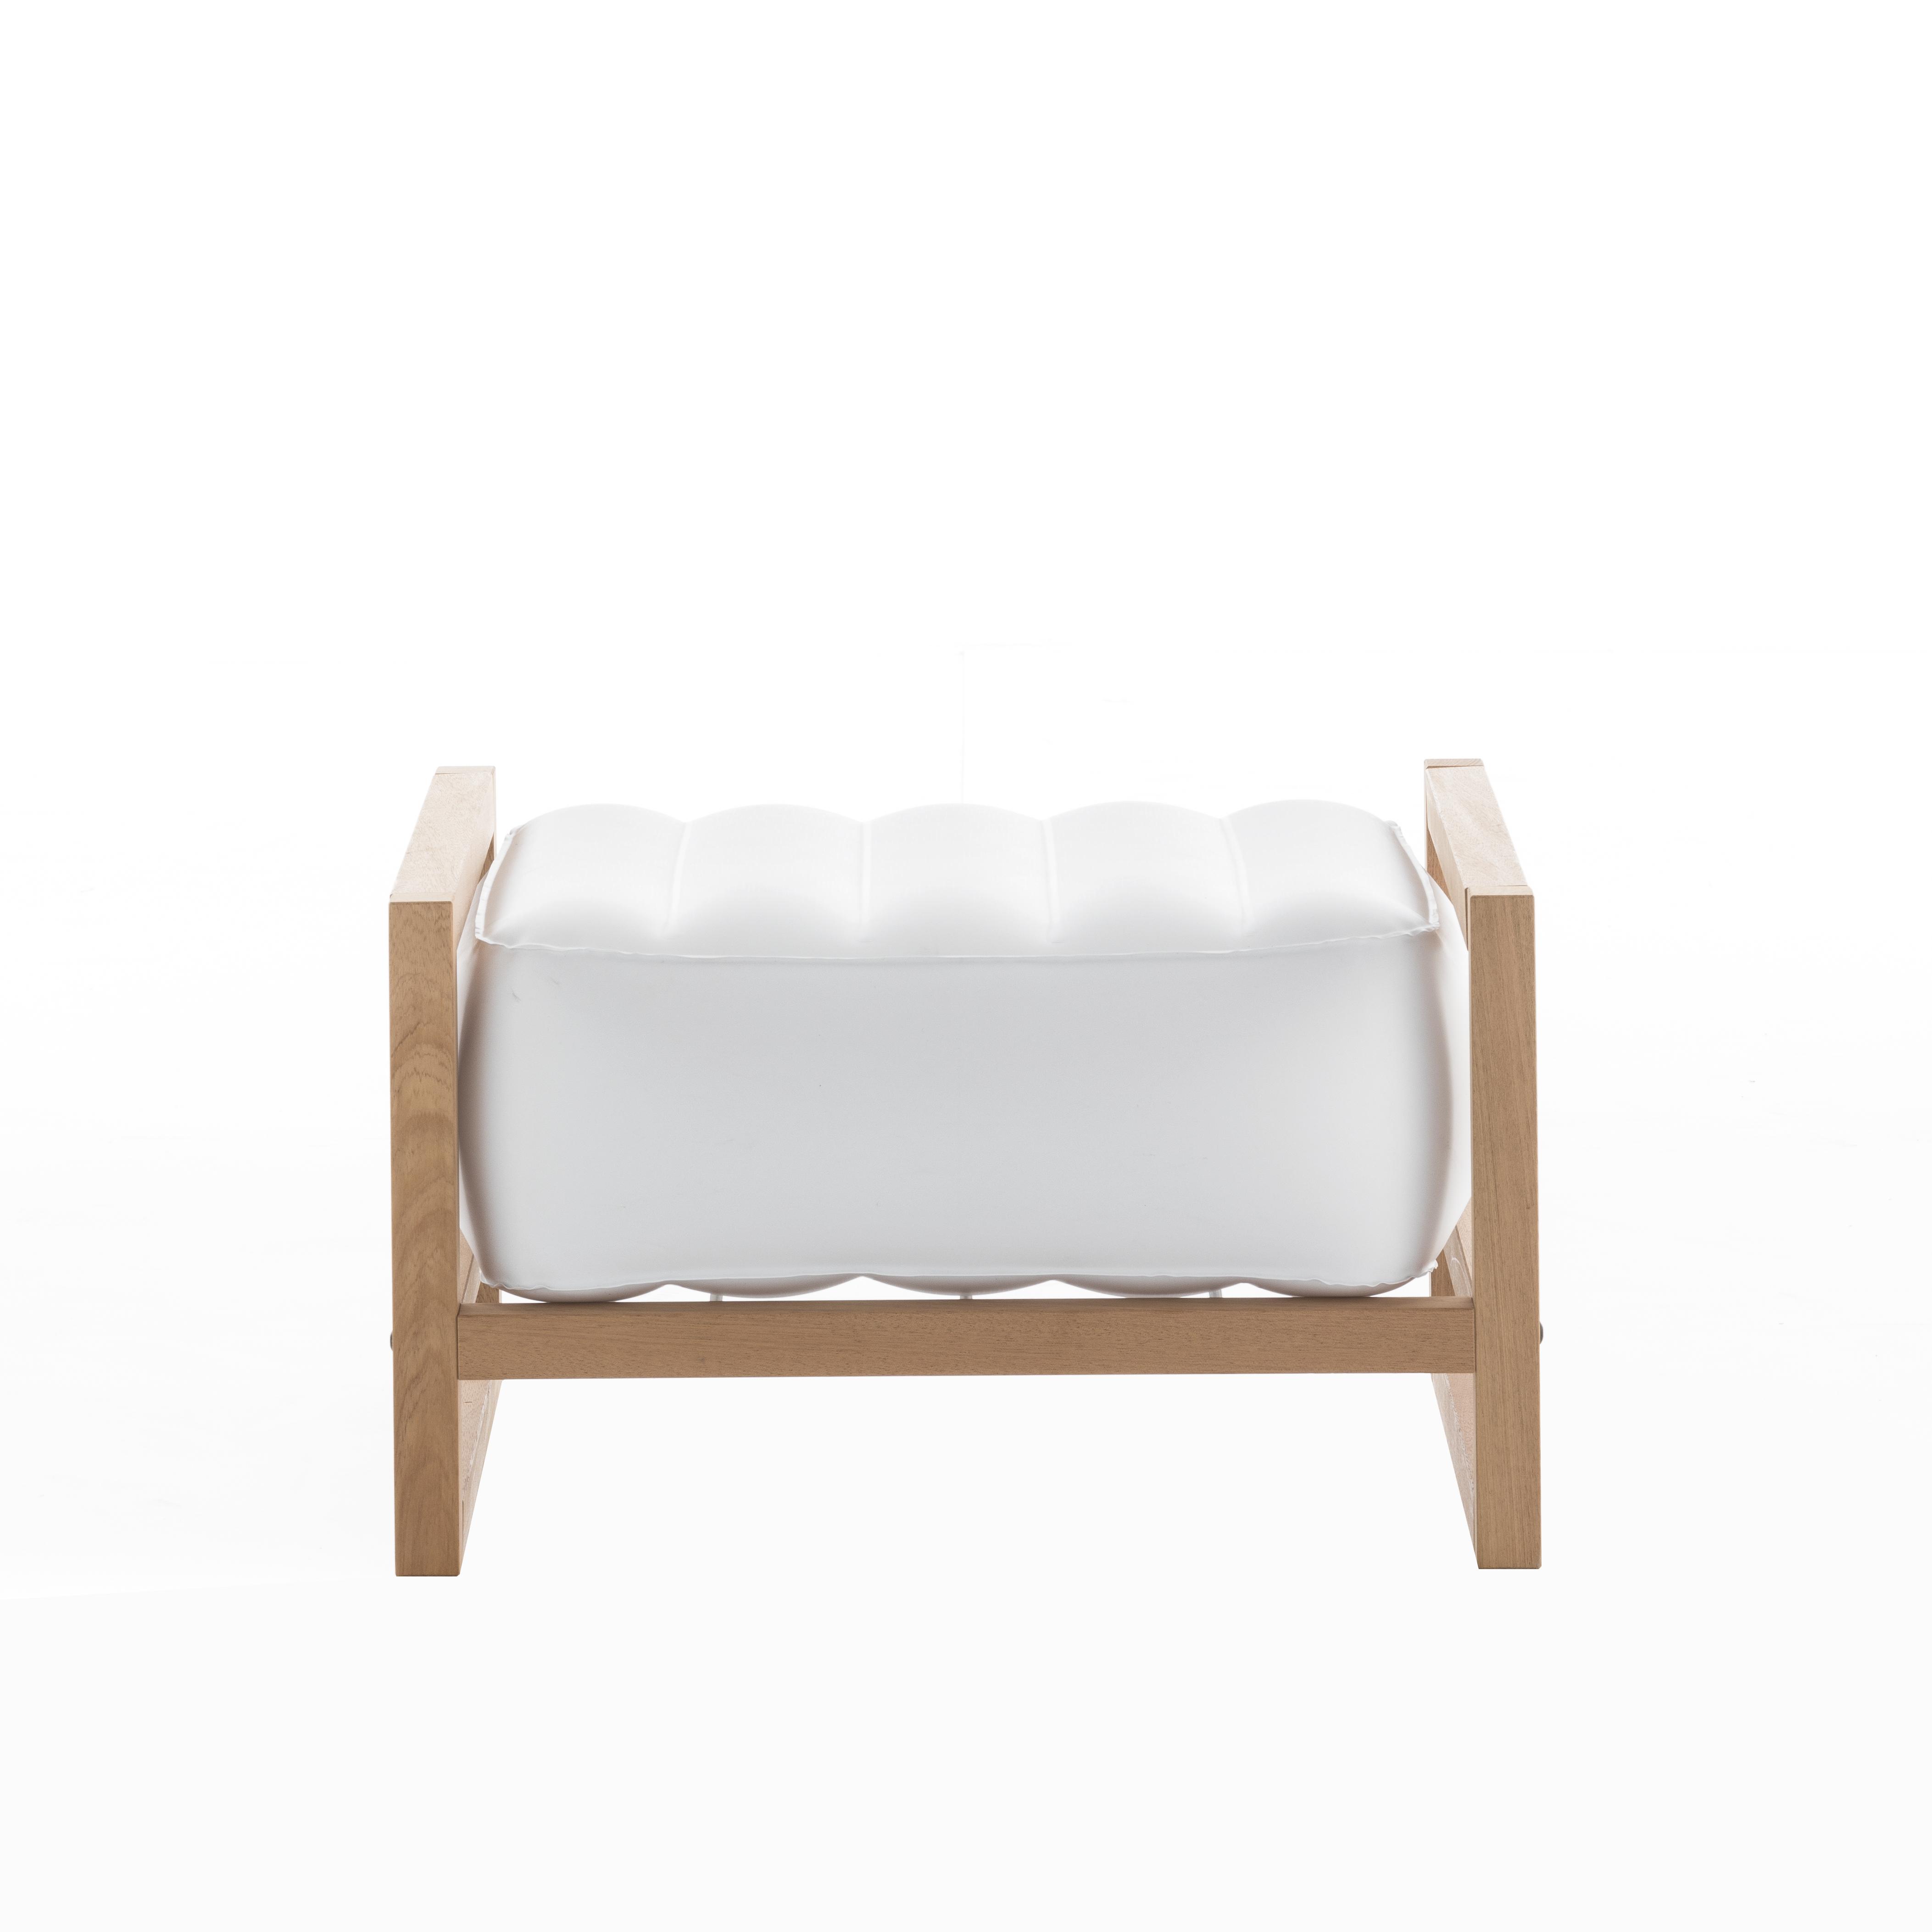 Pouf pvc blanc cadre en bois